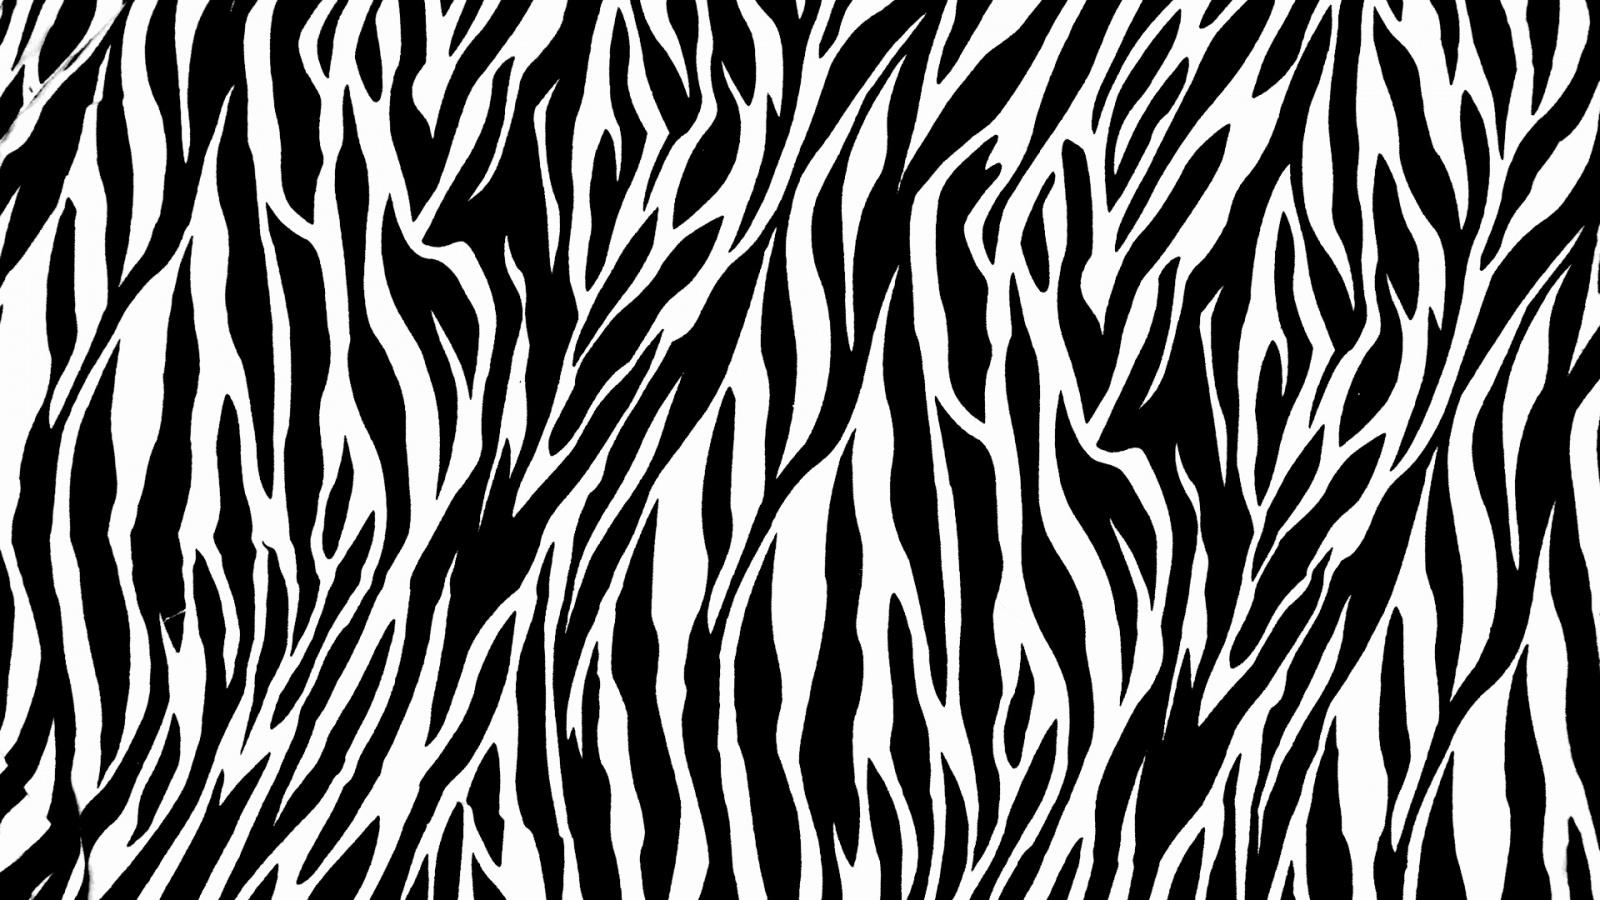 Zebra Print   1600x900   461000 1600x900